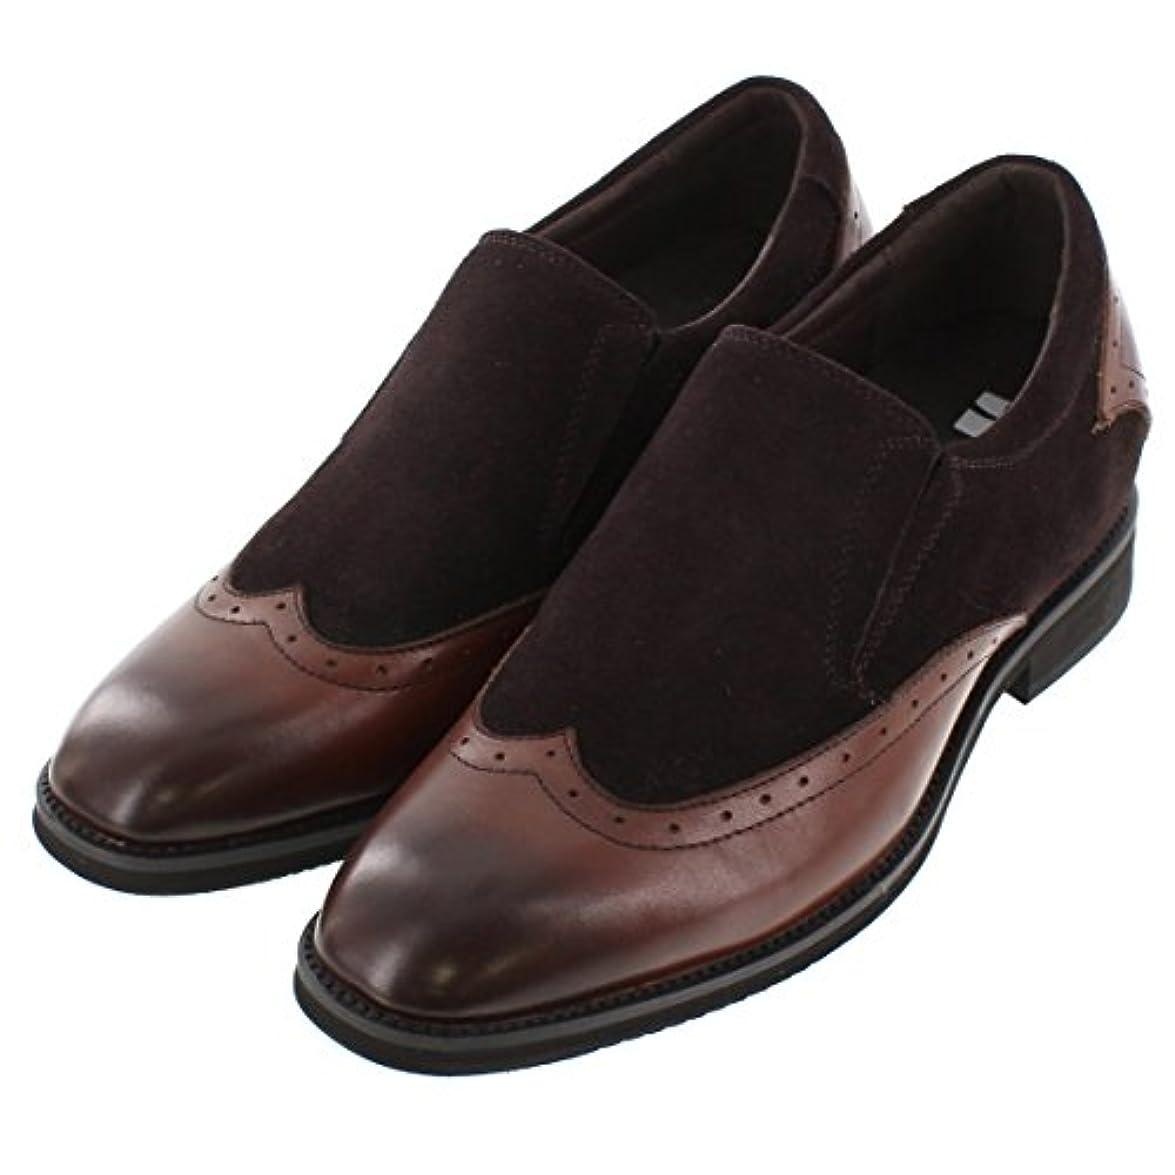 X-toto 3 7 62 Cm Altezza Inches 33513-tappetto Aumentare Ascensore Shoes-vestito E Scarpe Colore Marrone Scuro